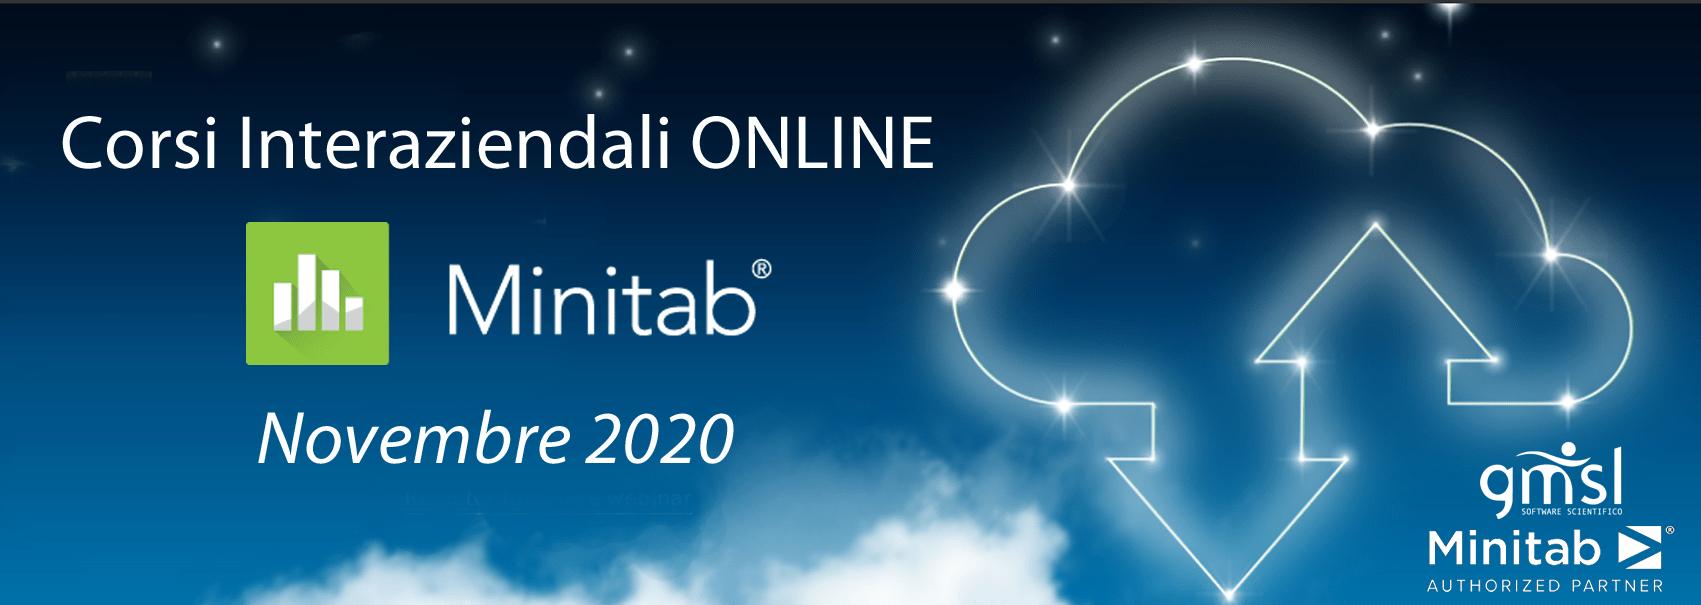 2020_10-corsi-mtb Minitab | Corsi Interaziendali Ufficiali - Novembre 2020